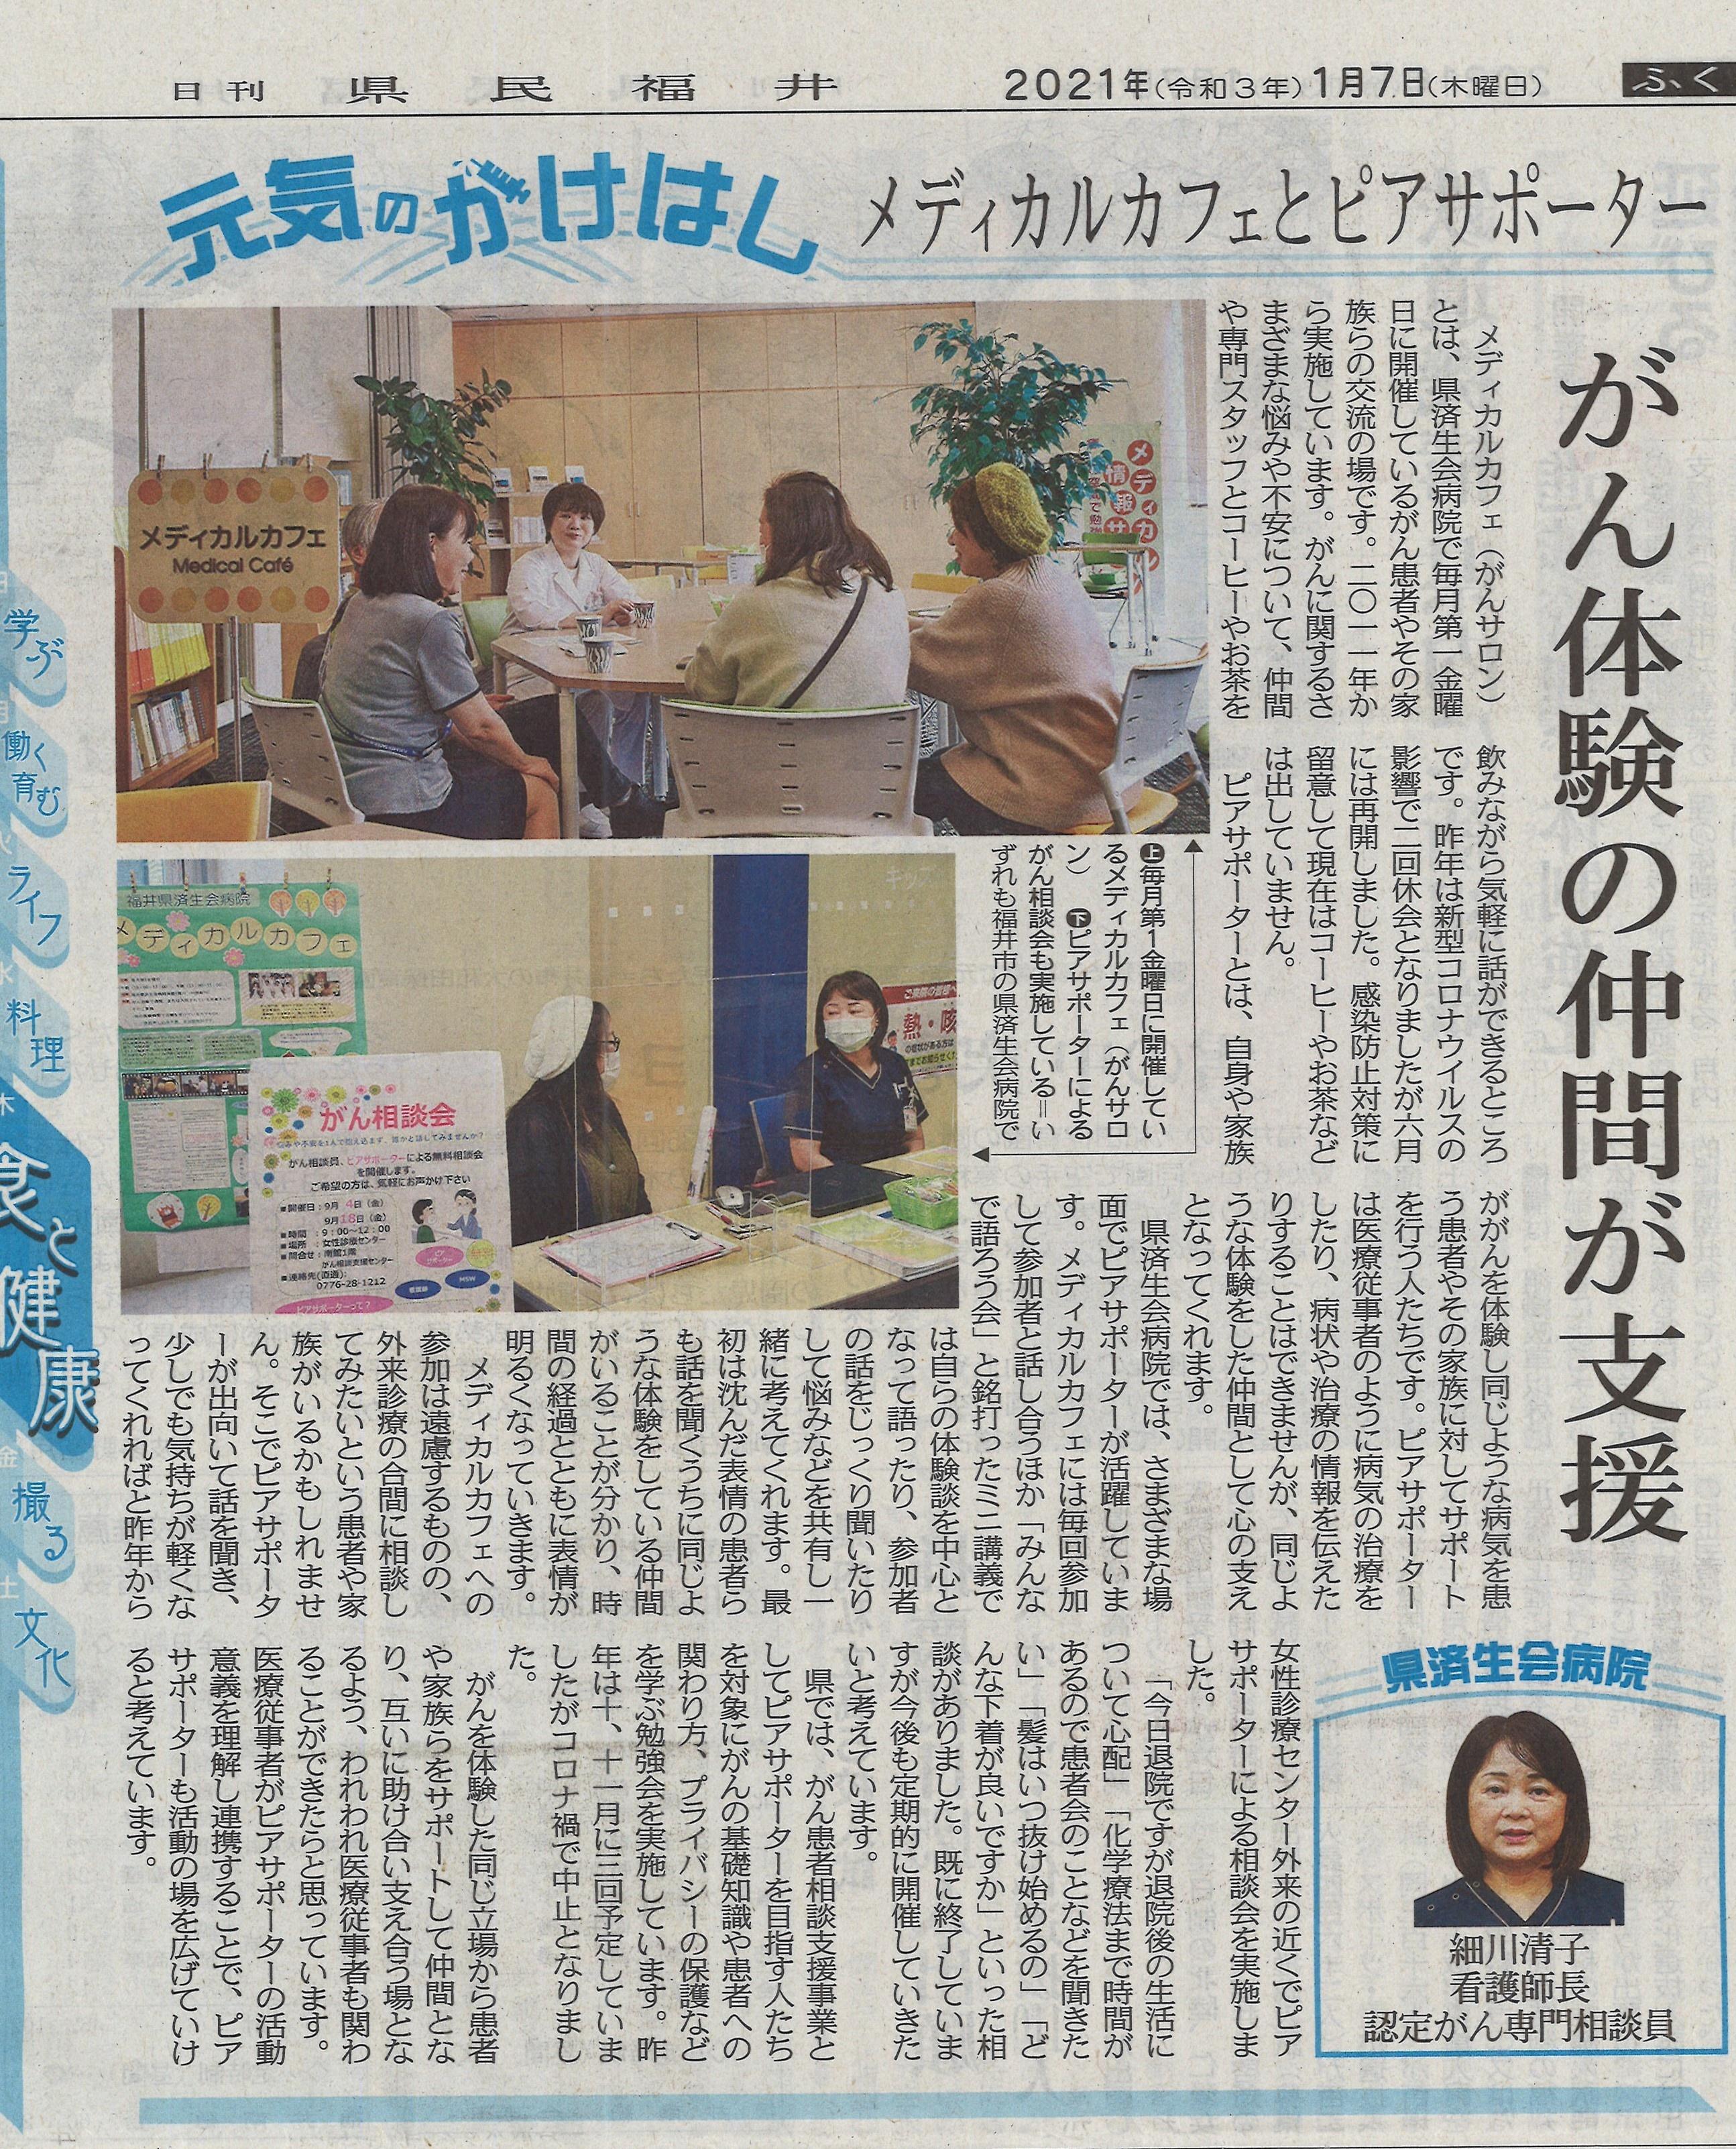 2021年1月7日 日刊県民福井